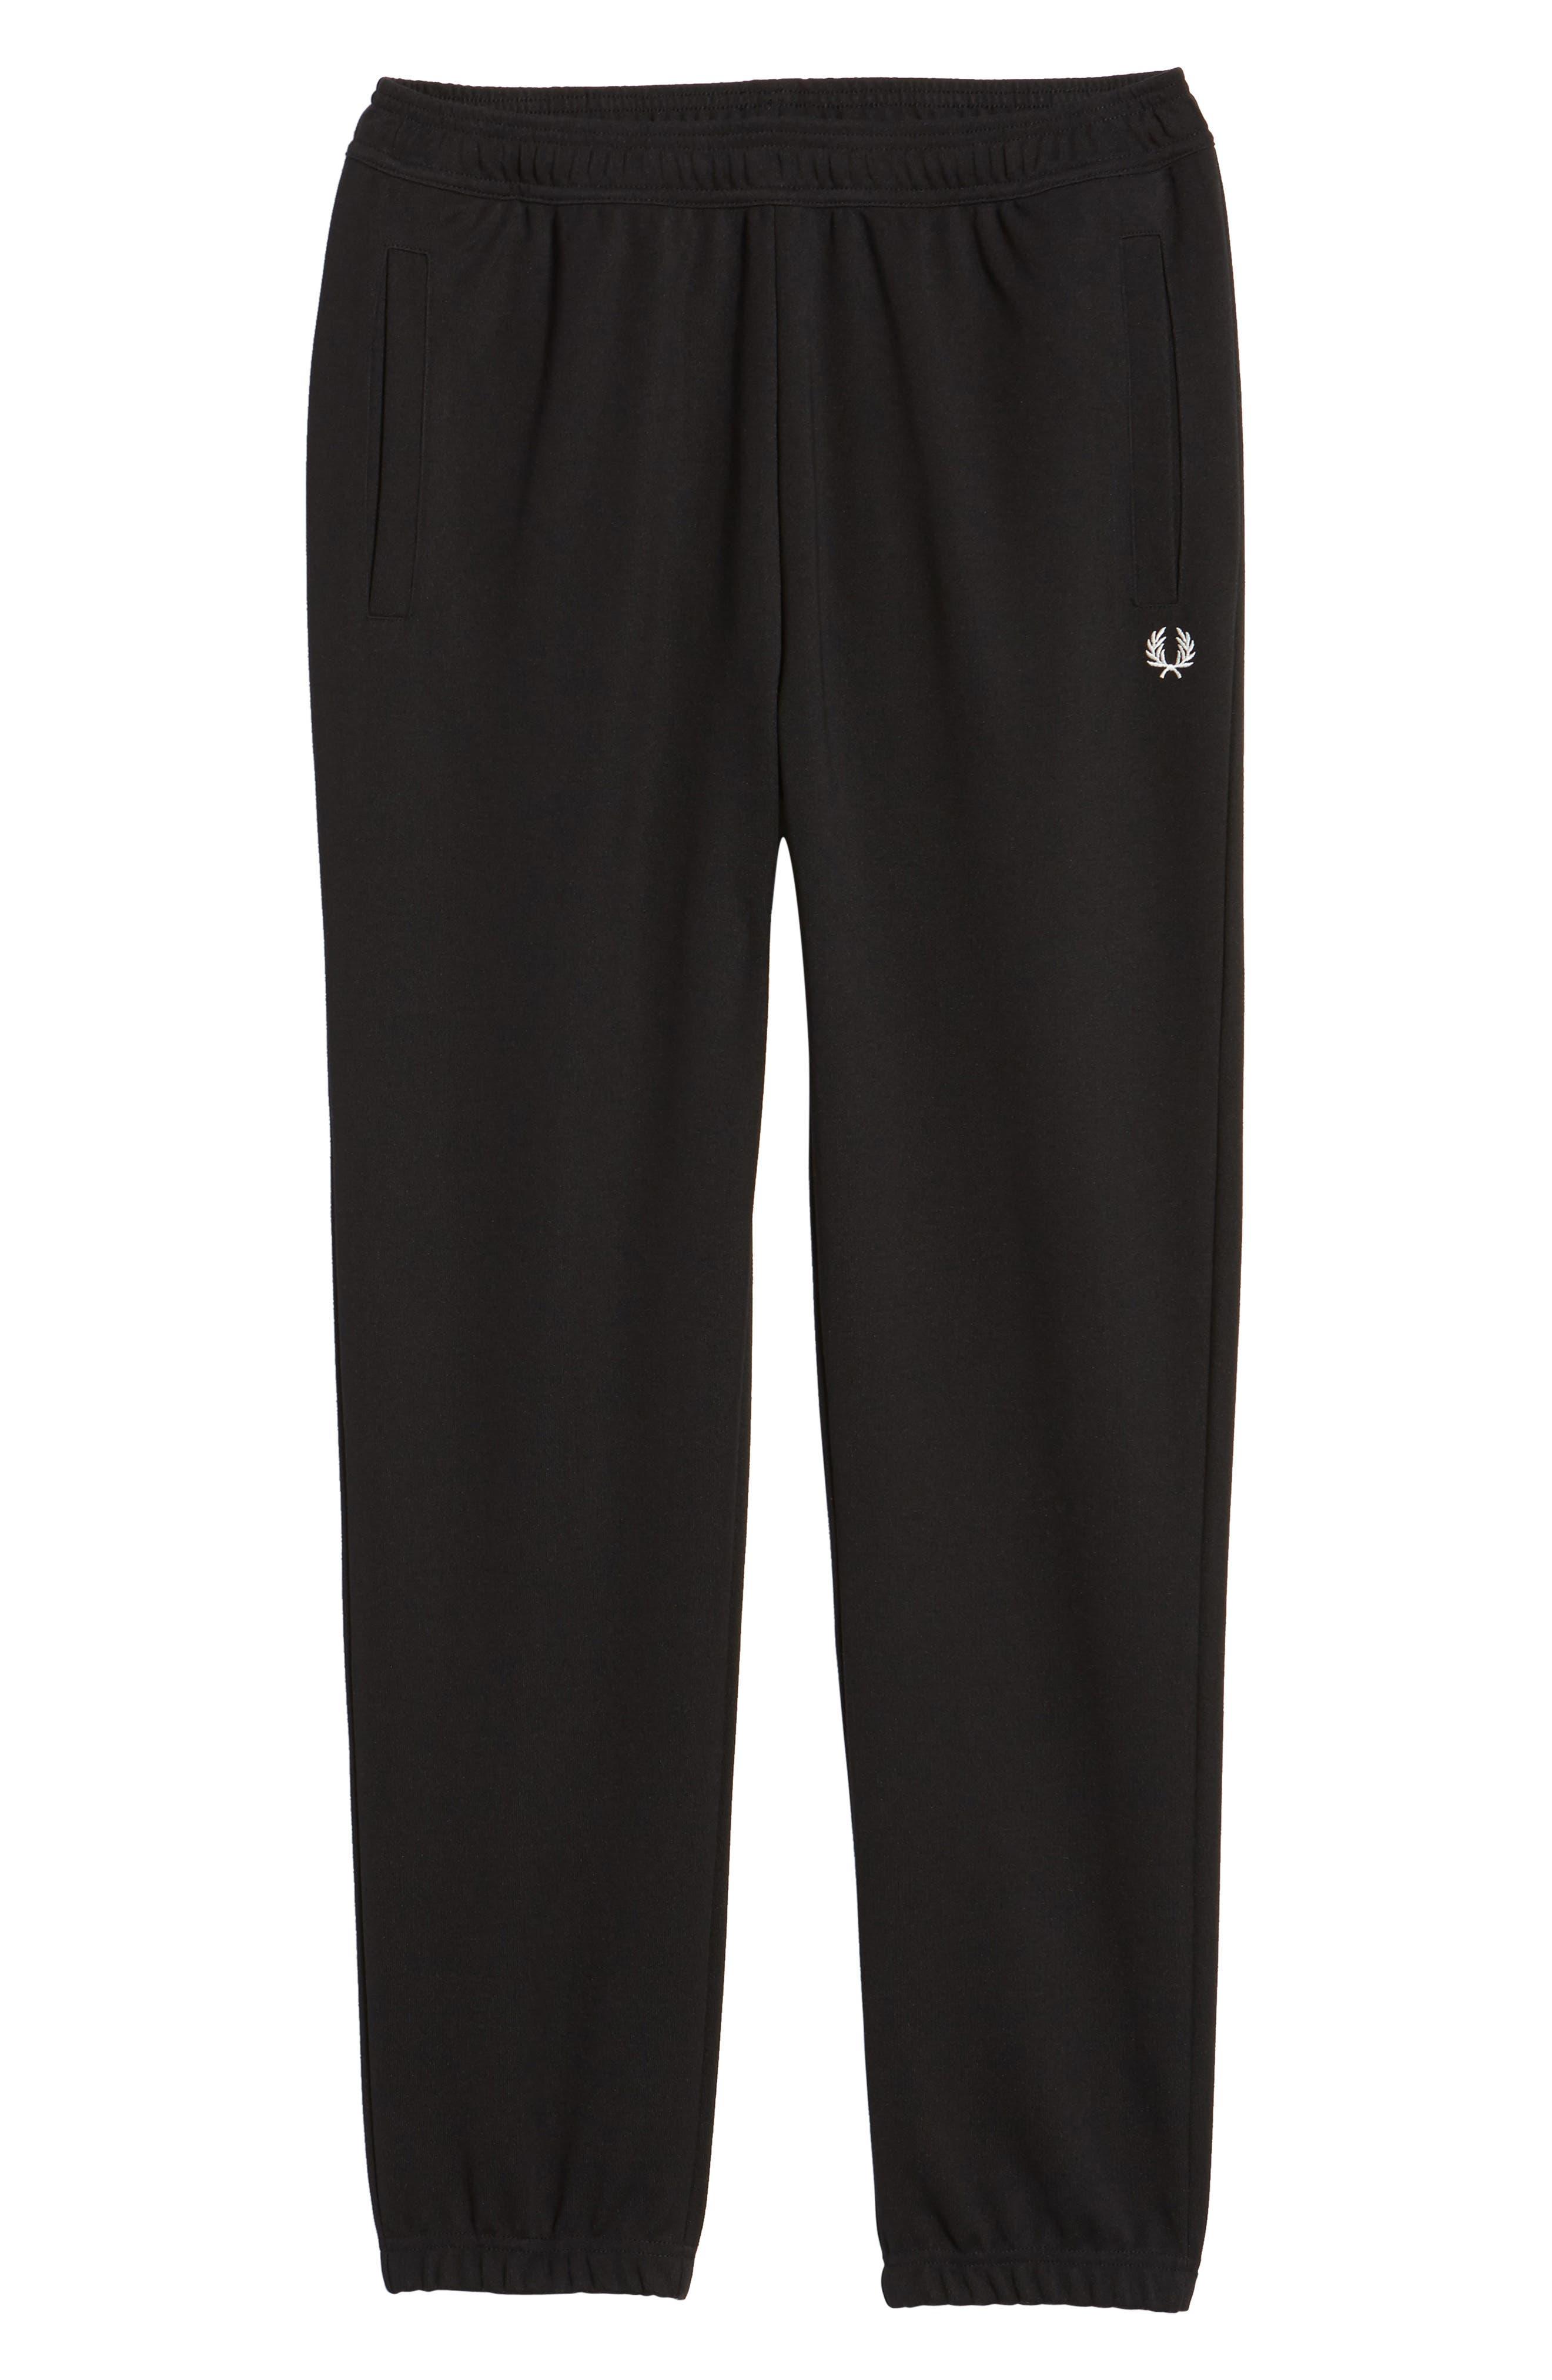 Reverse Tricot Track Pants,                             Alternate thumbnail 6, color,                             Black